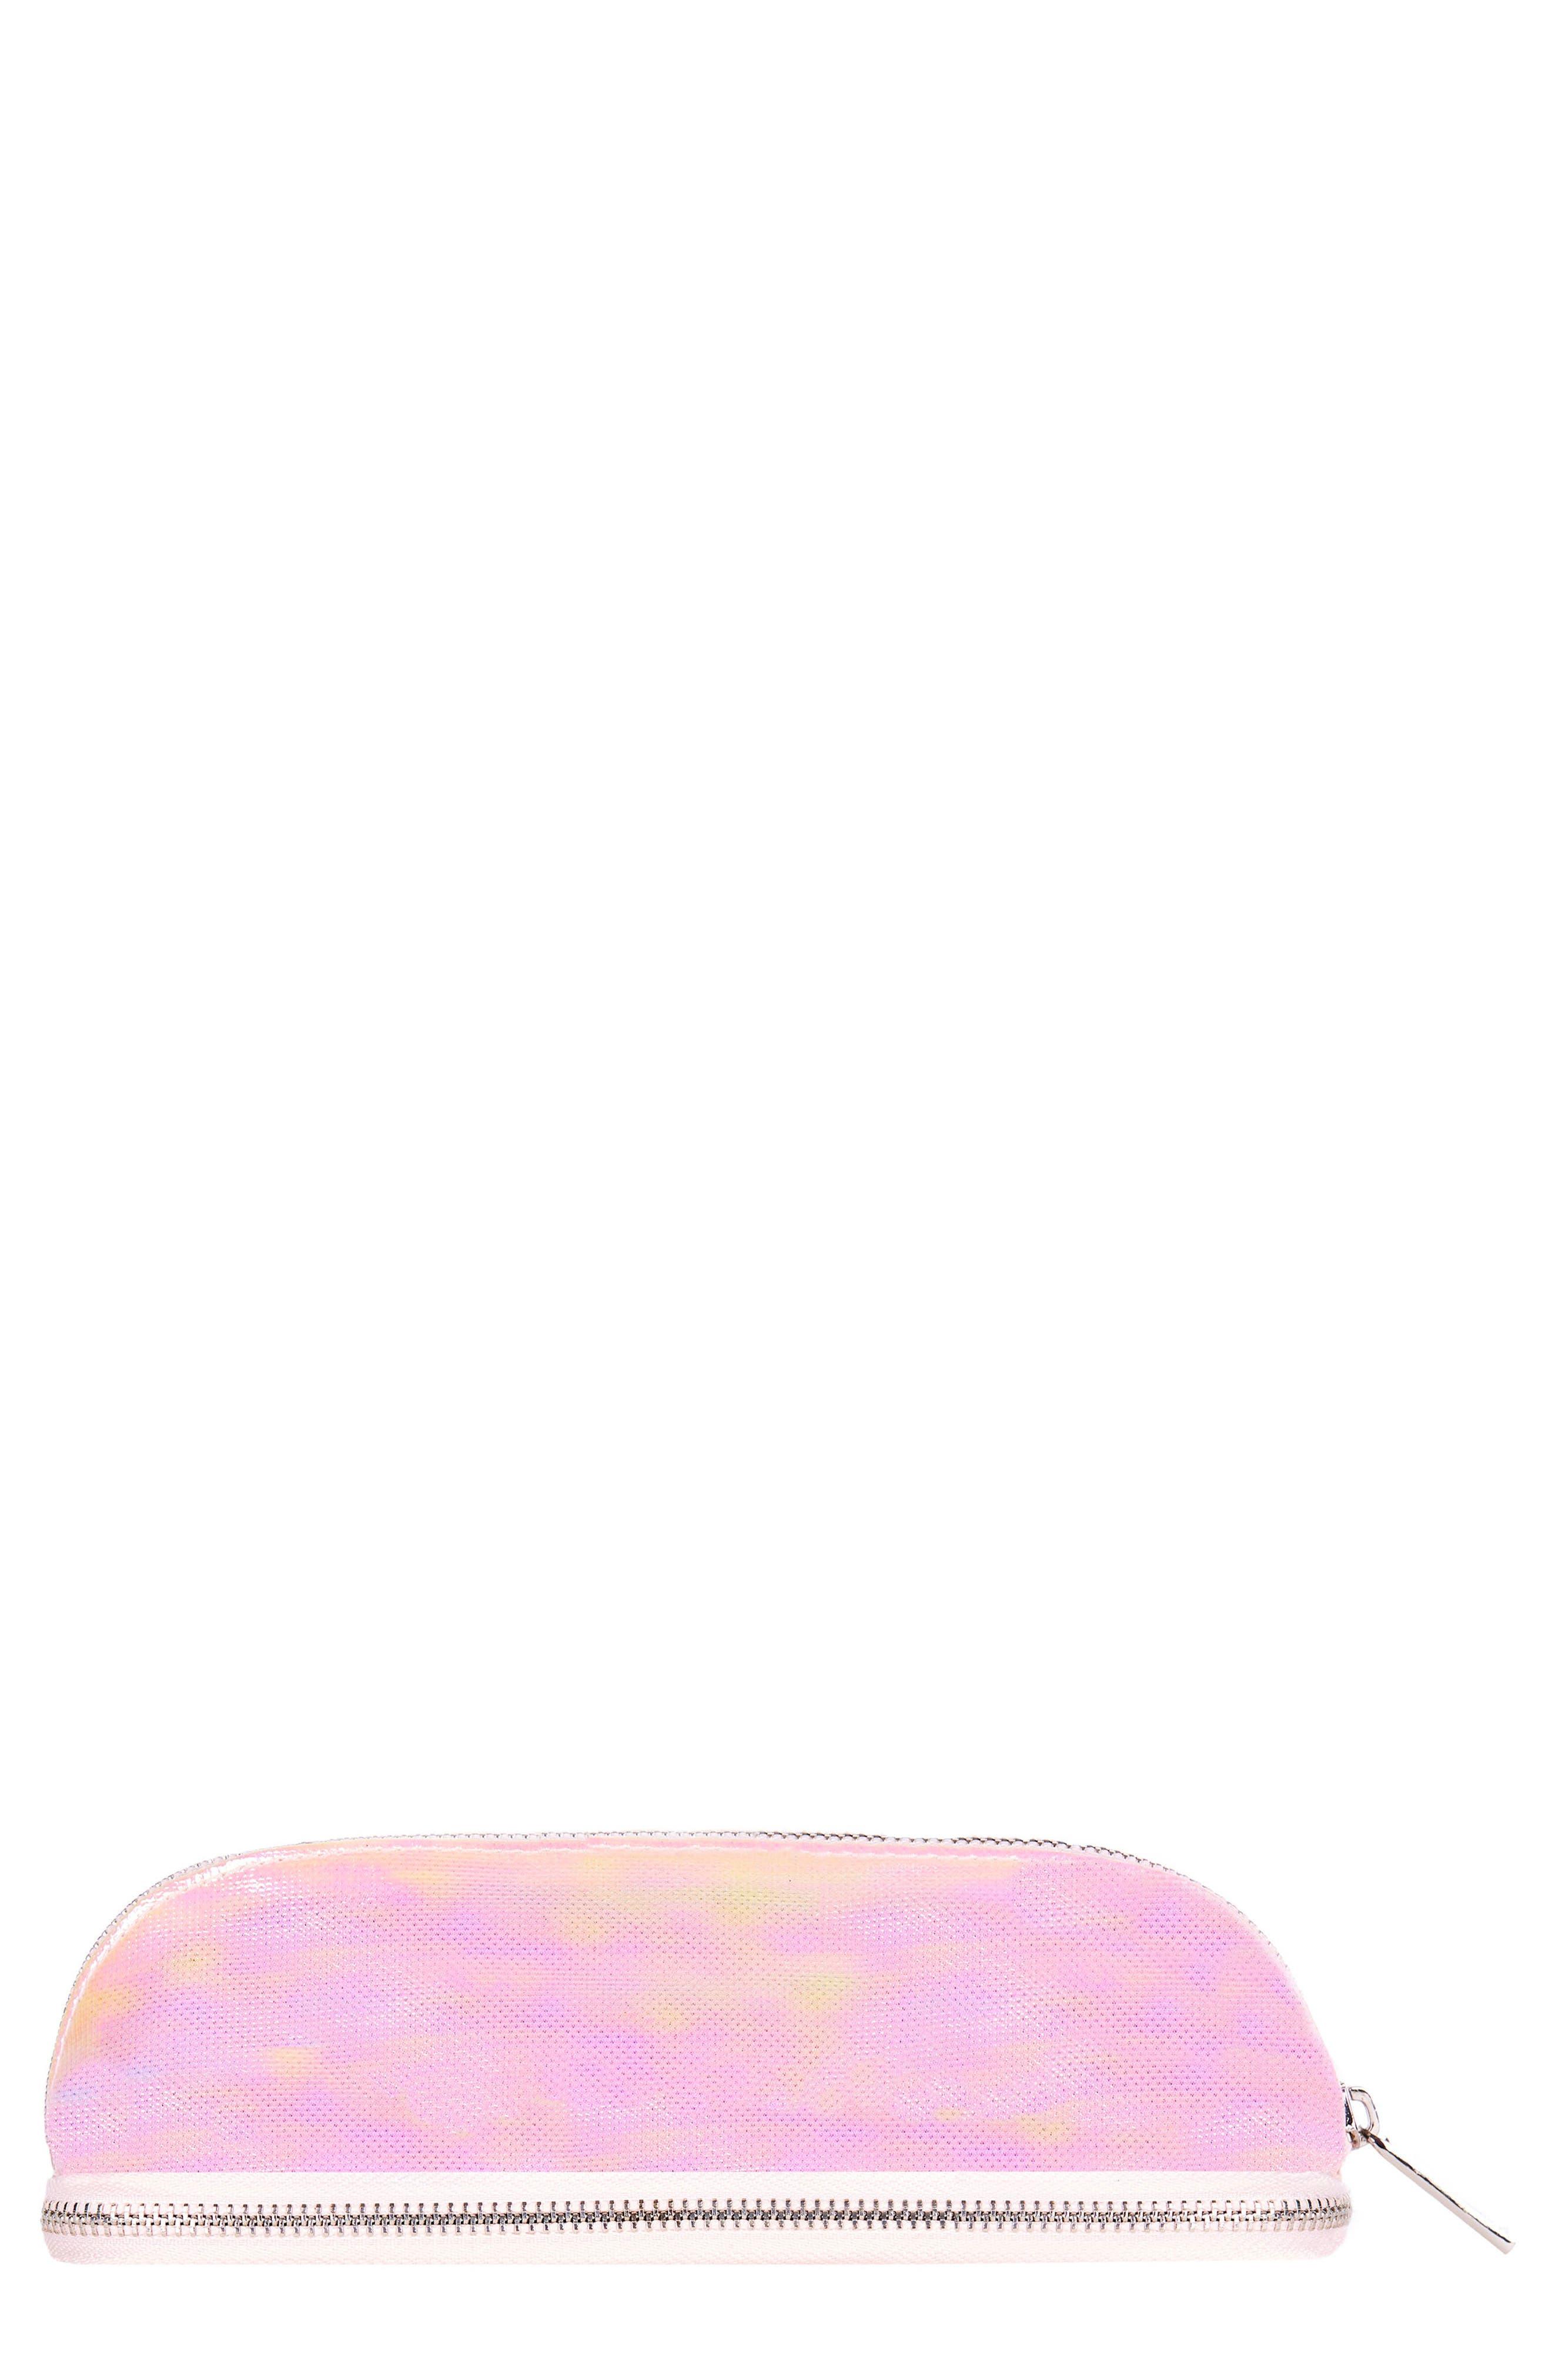 Glacier Makeup Brush Cosmetics Case,                         Main,                         color, NO COLOR